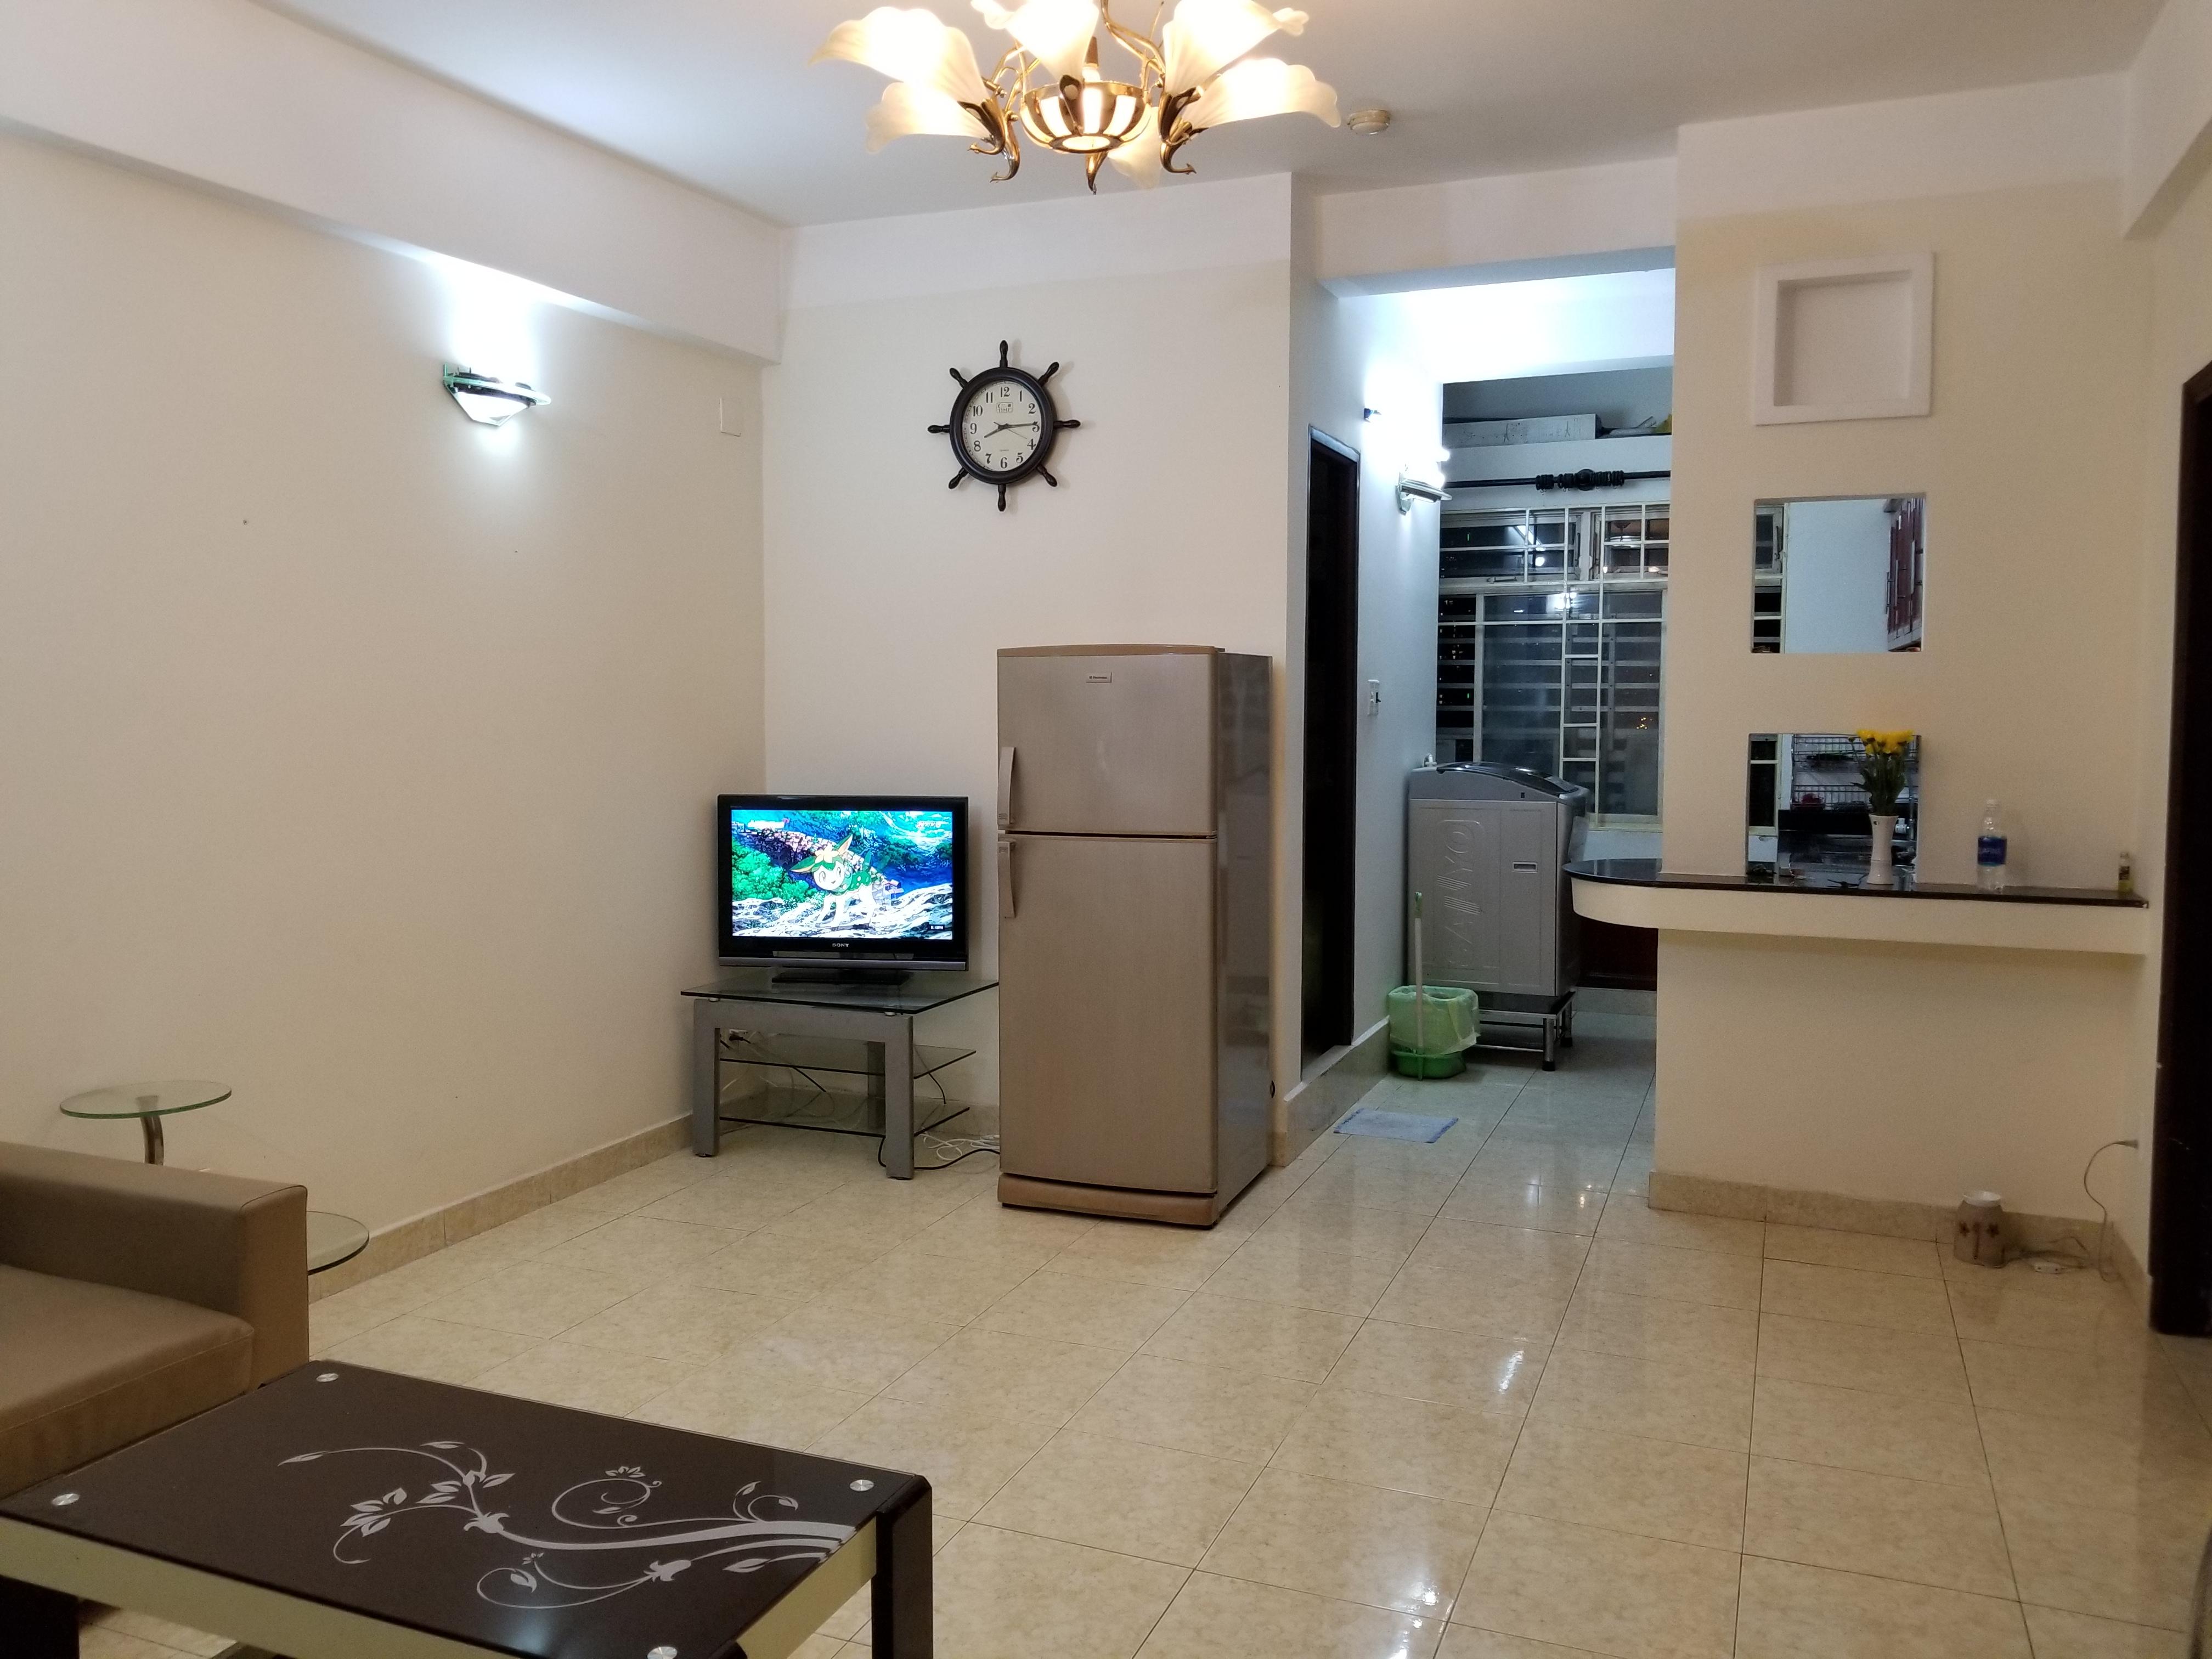 Cho thuê căn hộ C/cư Tôn Thất Thuyết, Quận 4, Tp.HCM